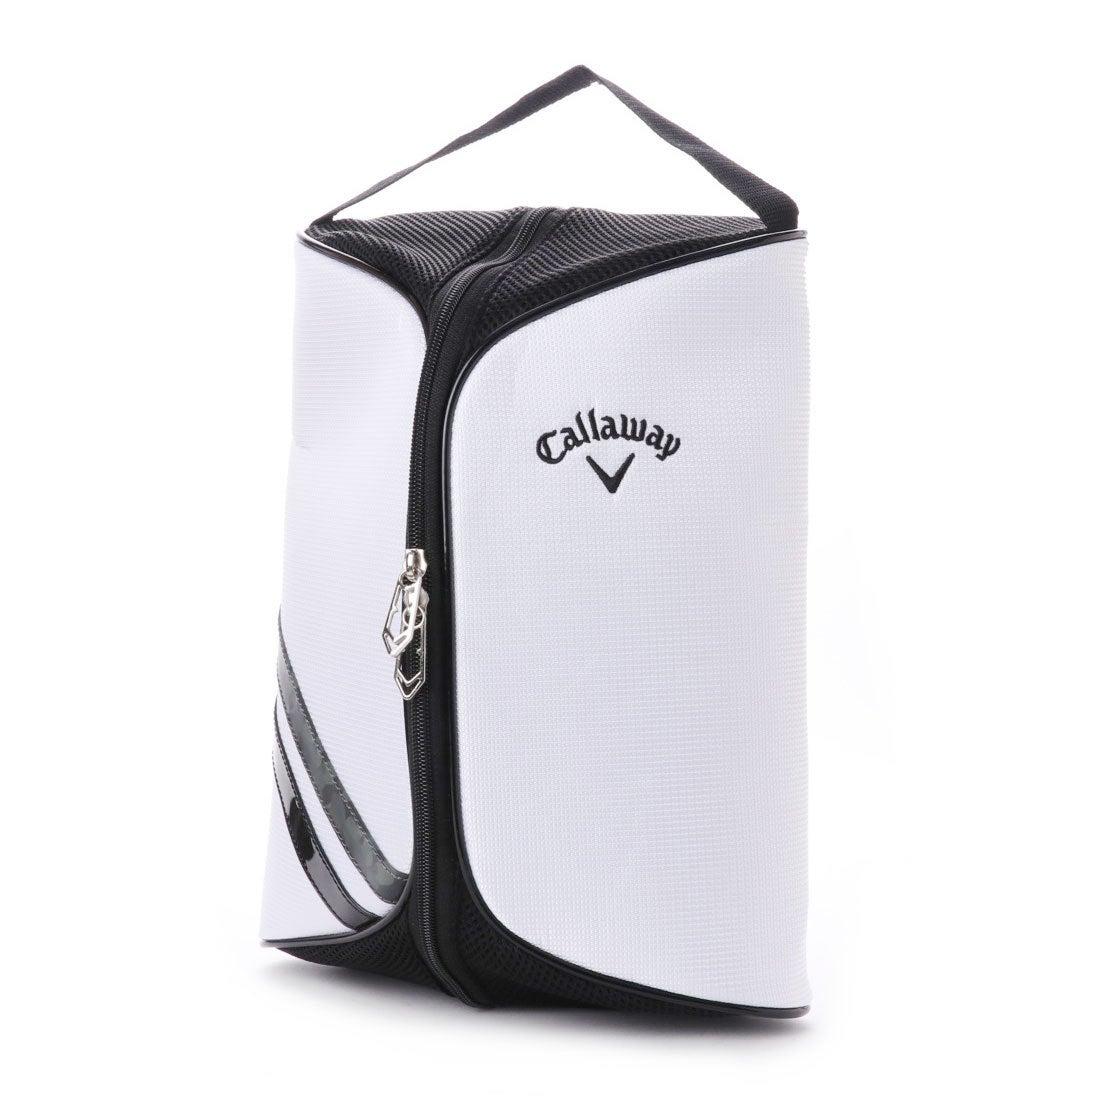 キャロウェイ Callaway メンズ ゴルフ シューズケース Callaway Sport Shoe Case 17 JM 0228346988 (ホワイト)